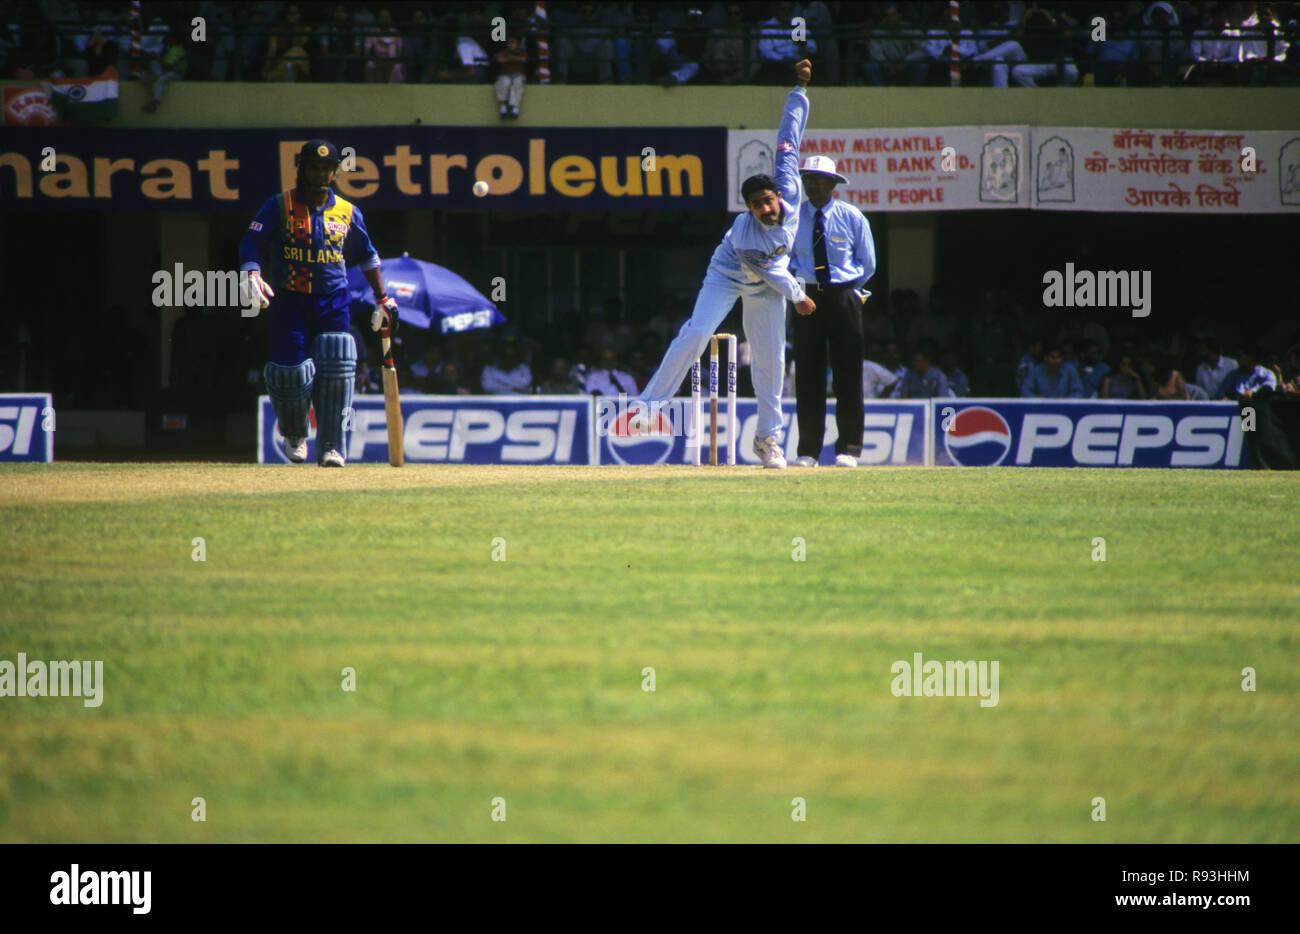 India Sri Lanka Cricket Match at Wankhede Stadium, Mumbai, Maharashtra, India - Stock Image